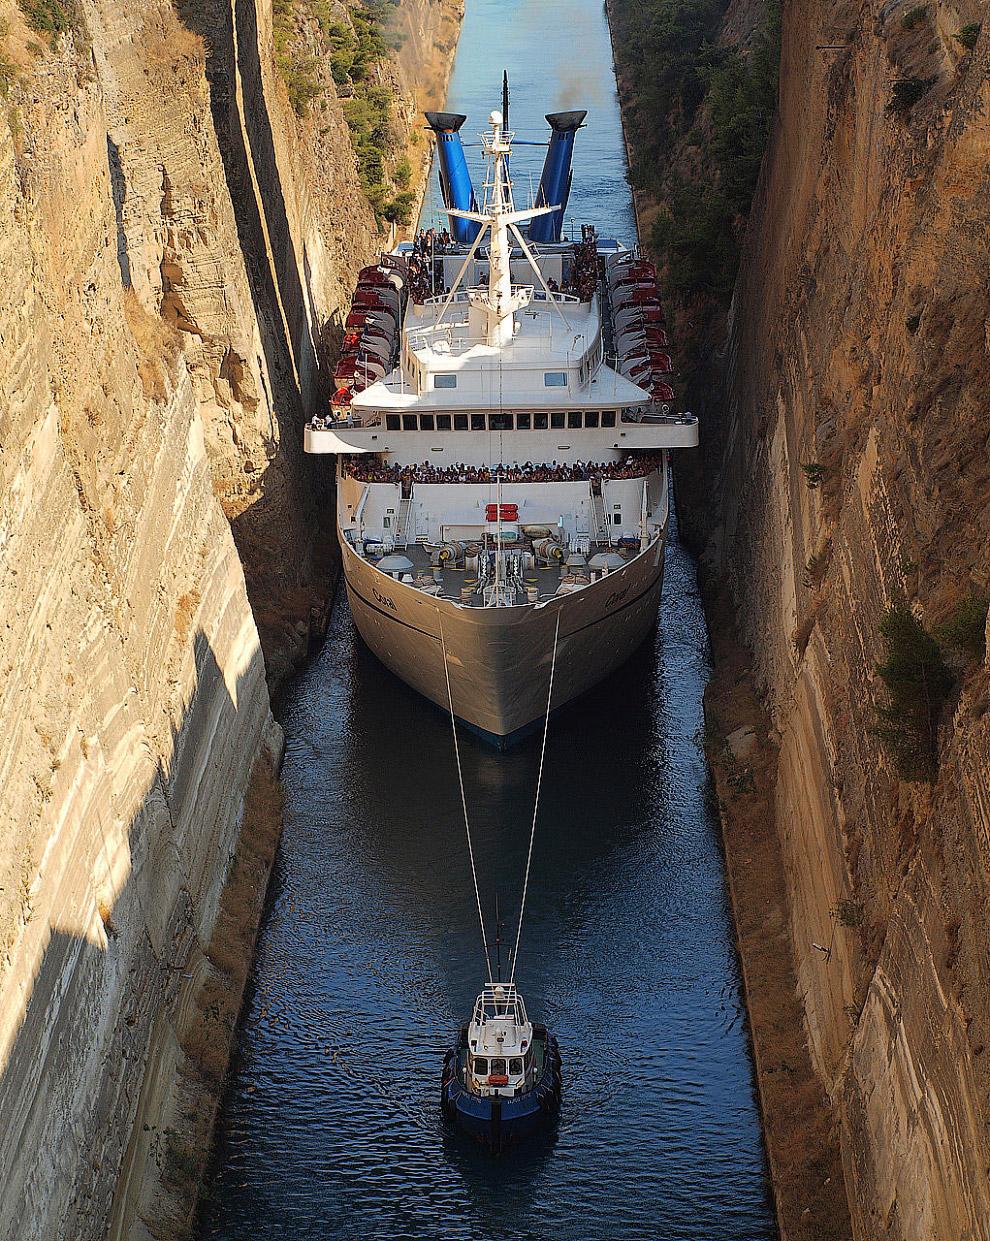 Коринфский судоходный канал – самый узкий в мире